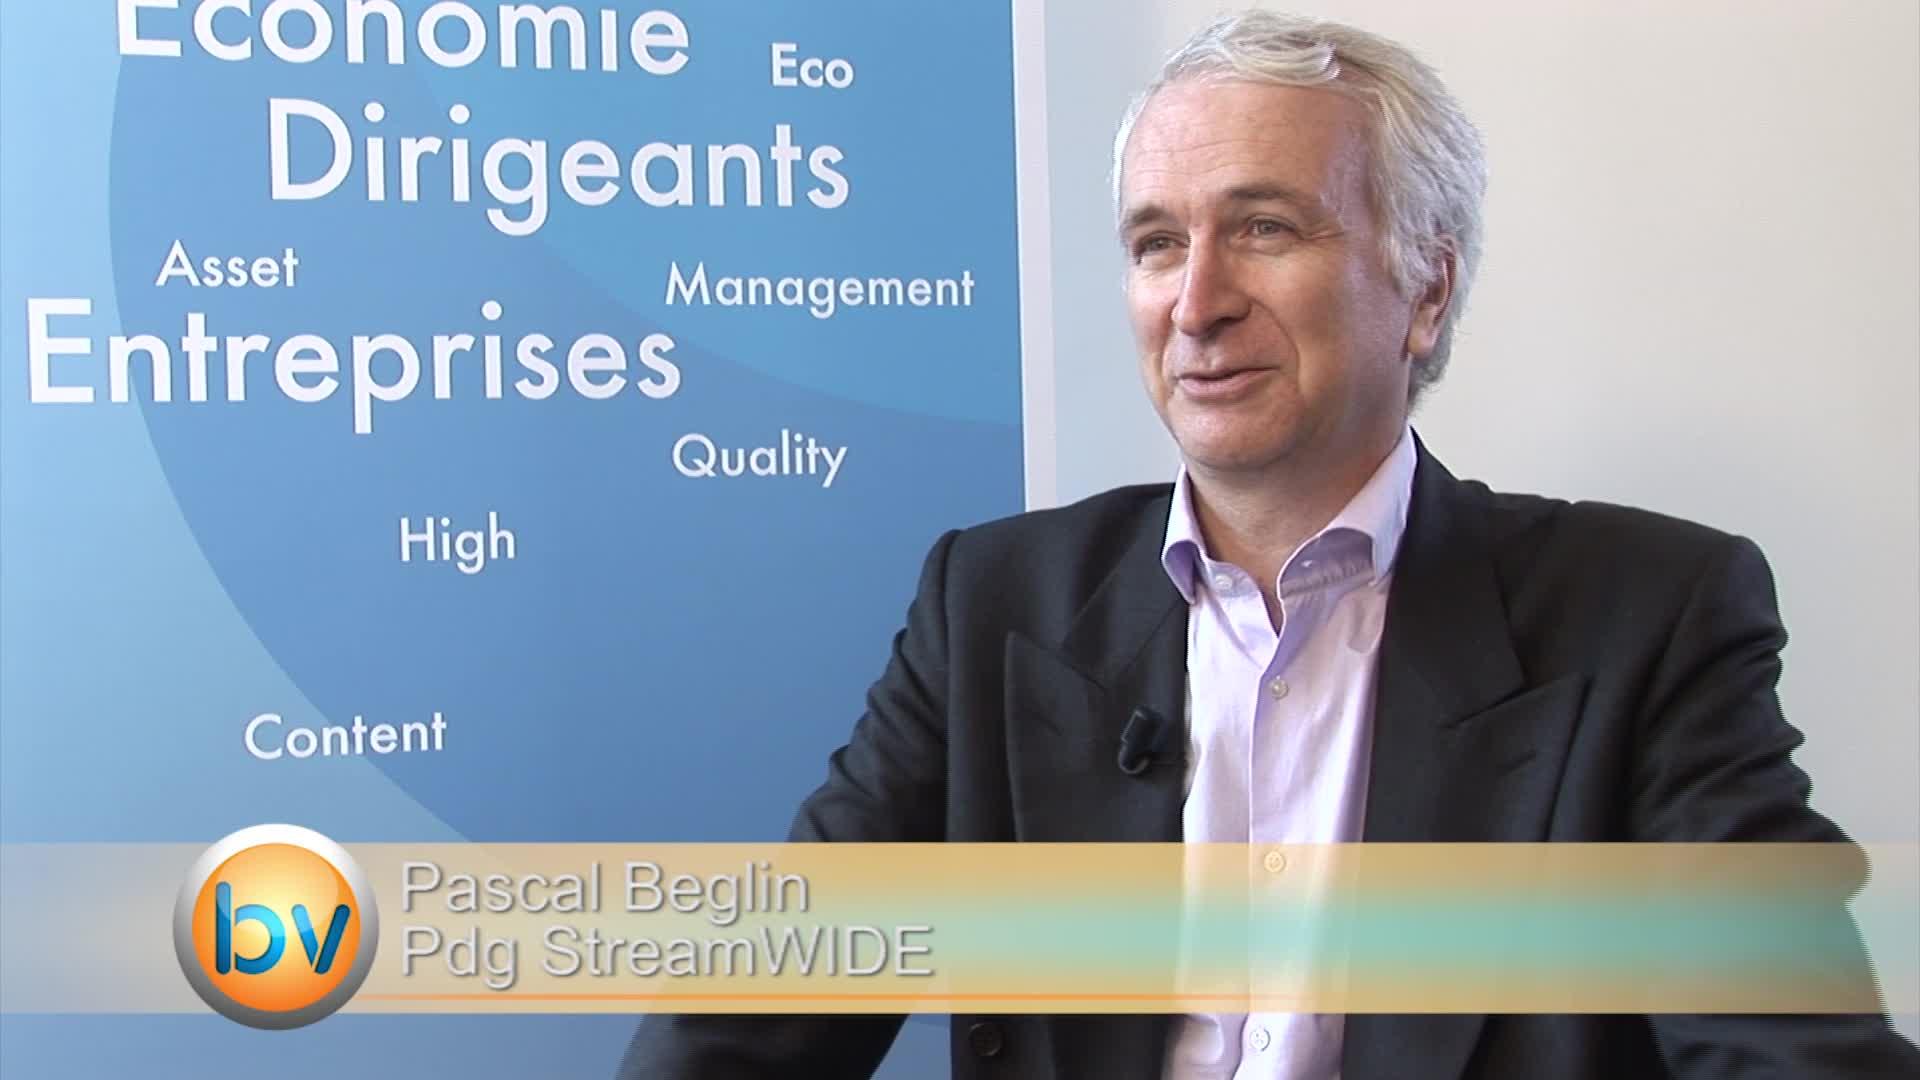 Pascal Beglin Pdg StreamWIDE : «On voit l'année 2015 avec une relative sérénité»